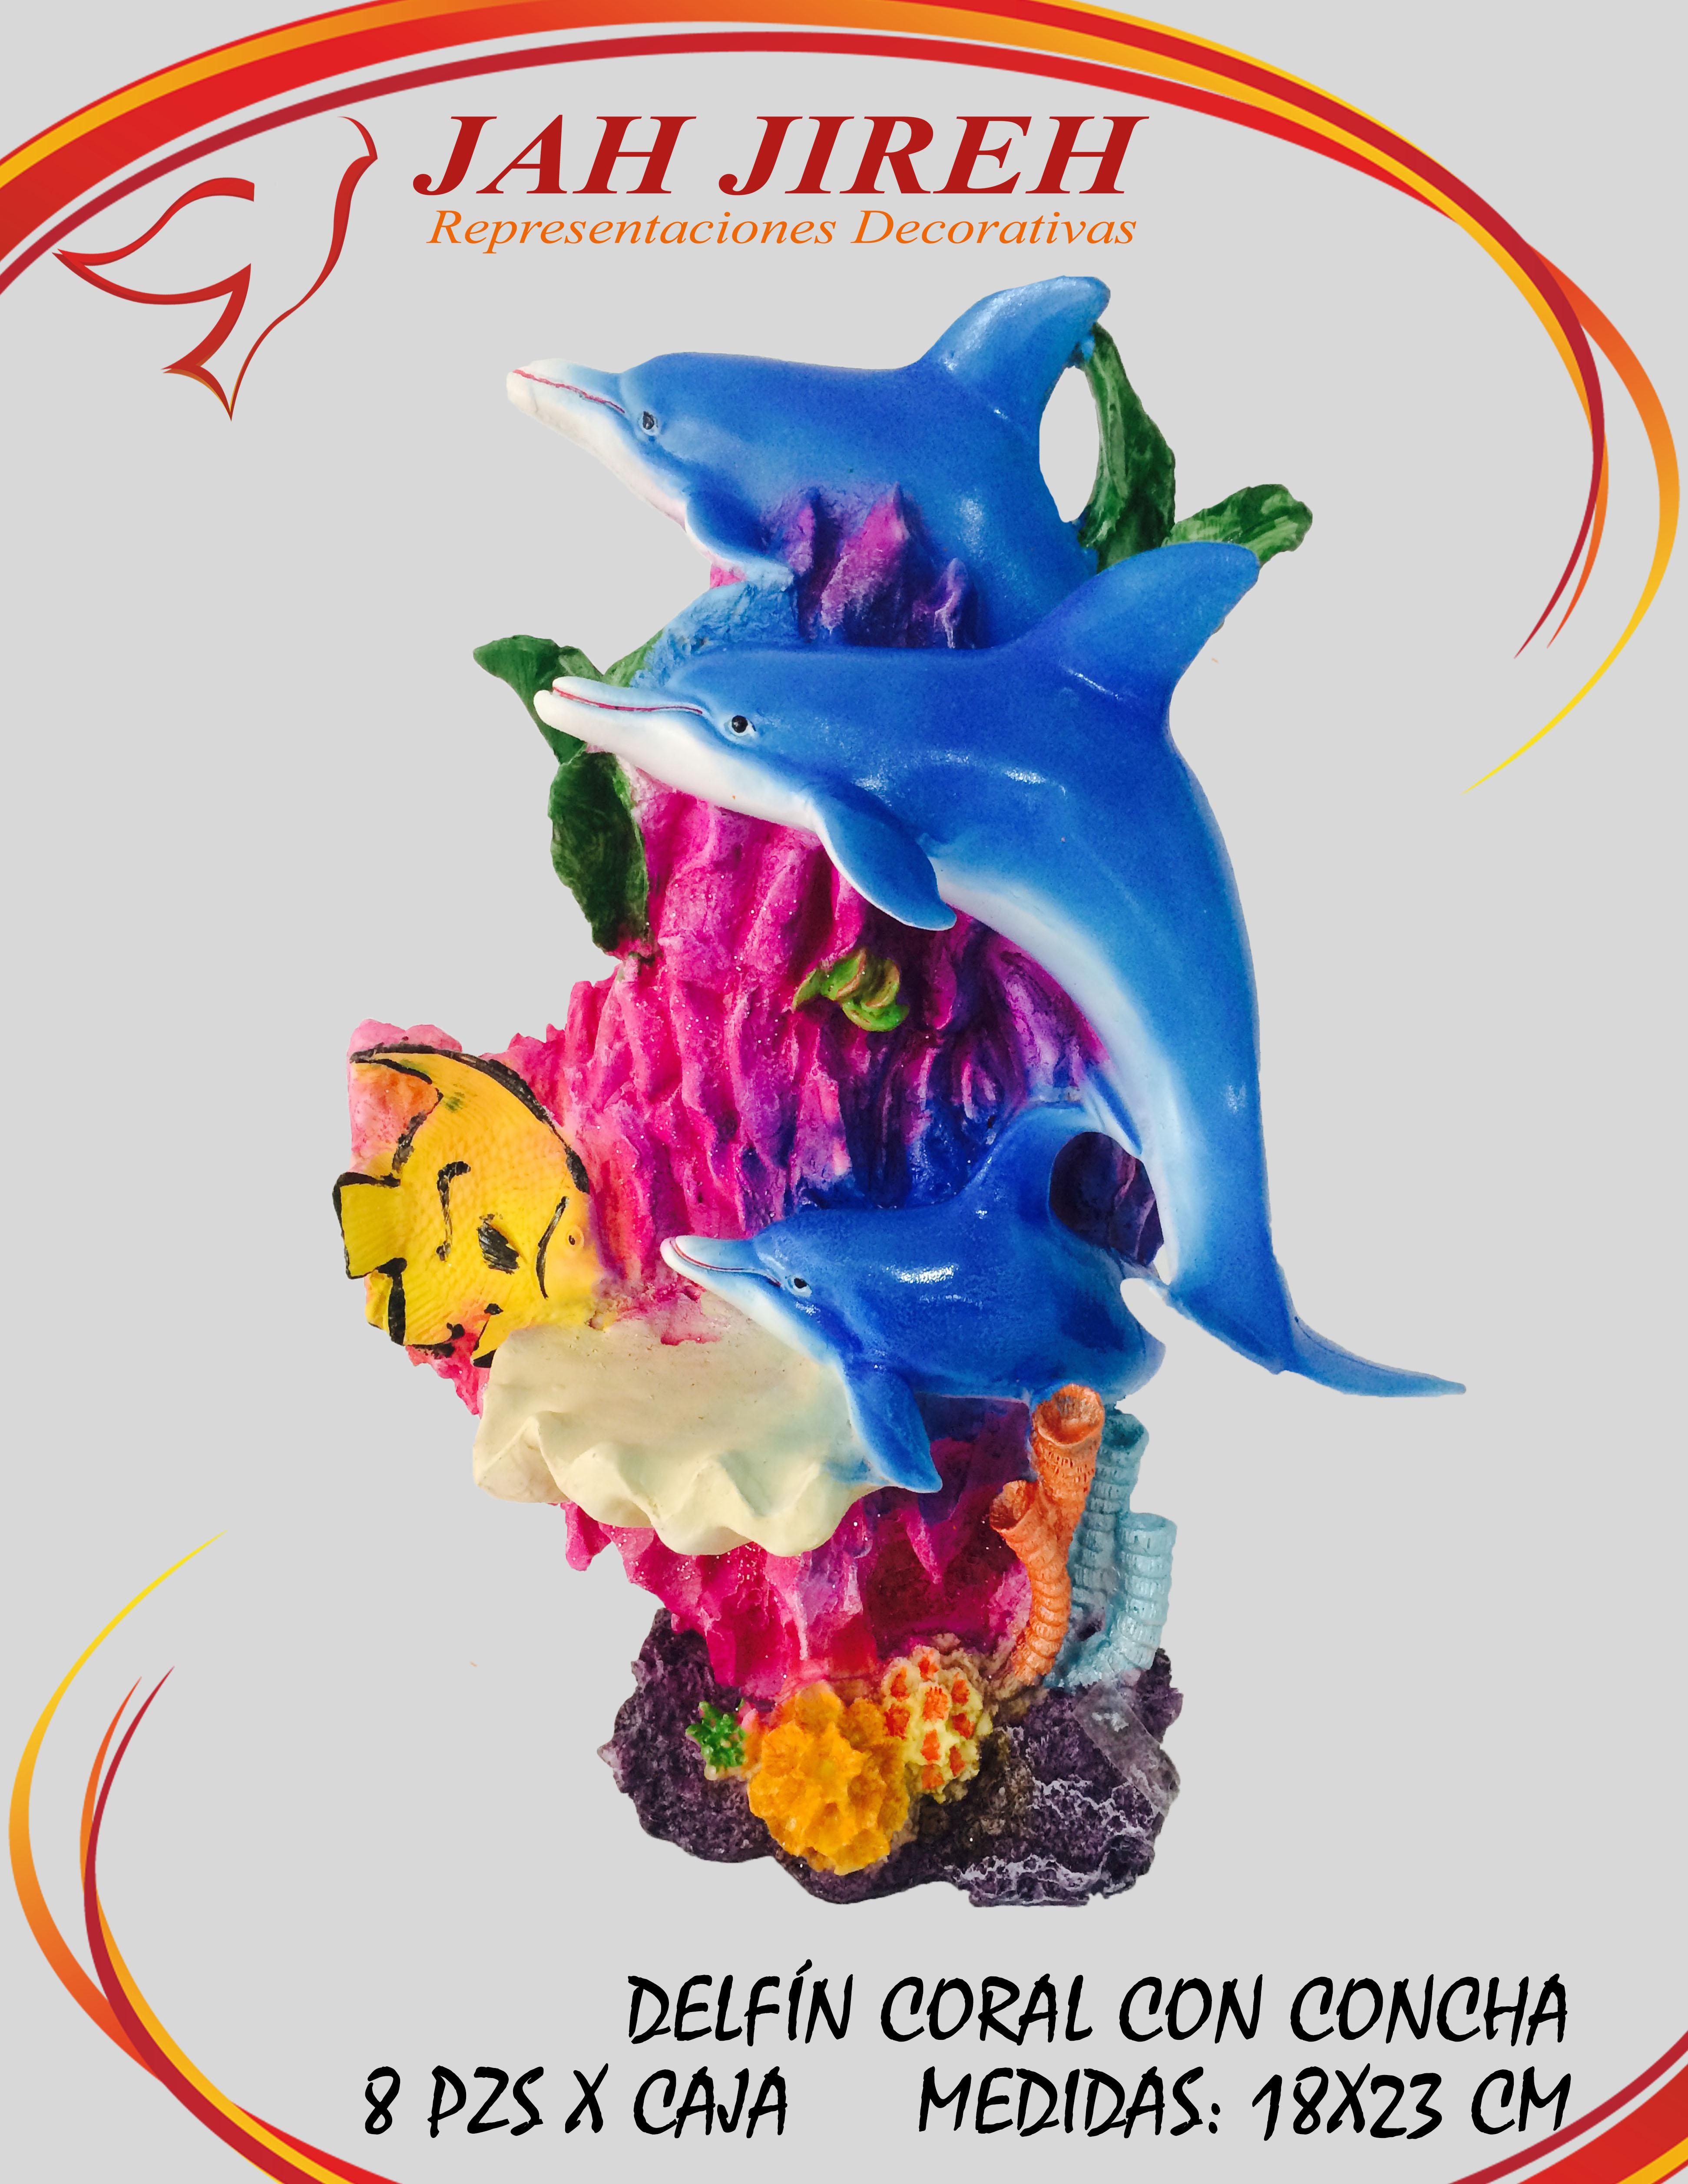 https://0201.nccdn.net/4_2/000/000/06b/a1b/delf--n-coral-con-concha.jpg